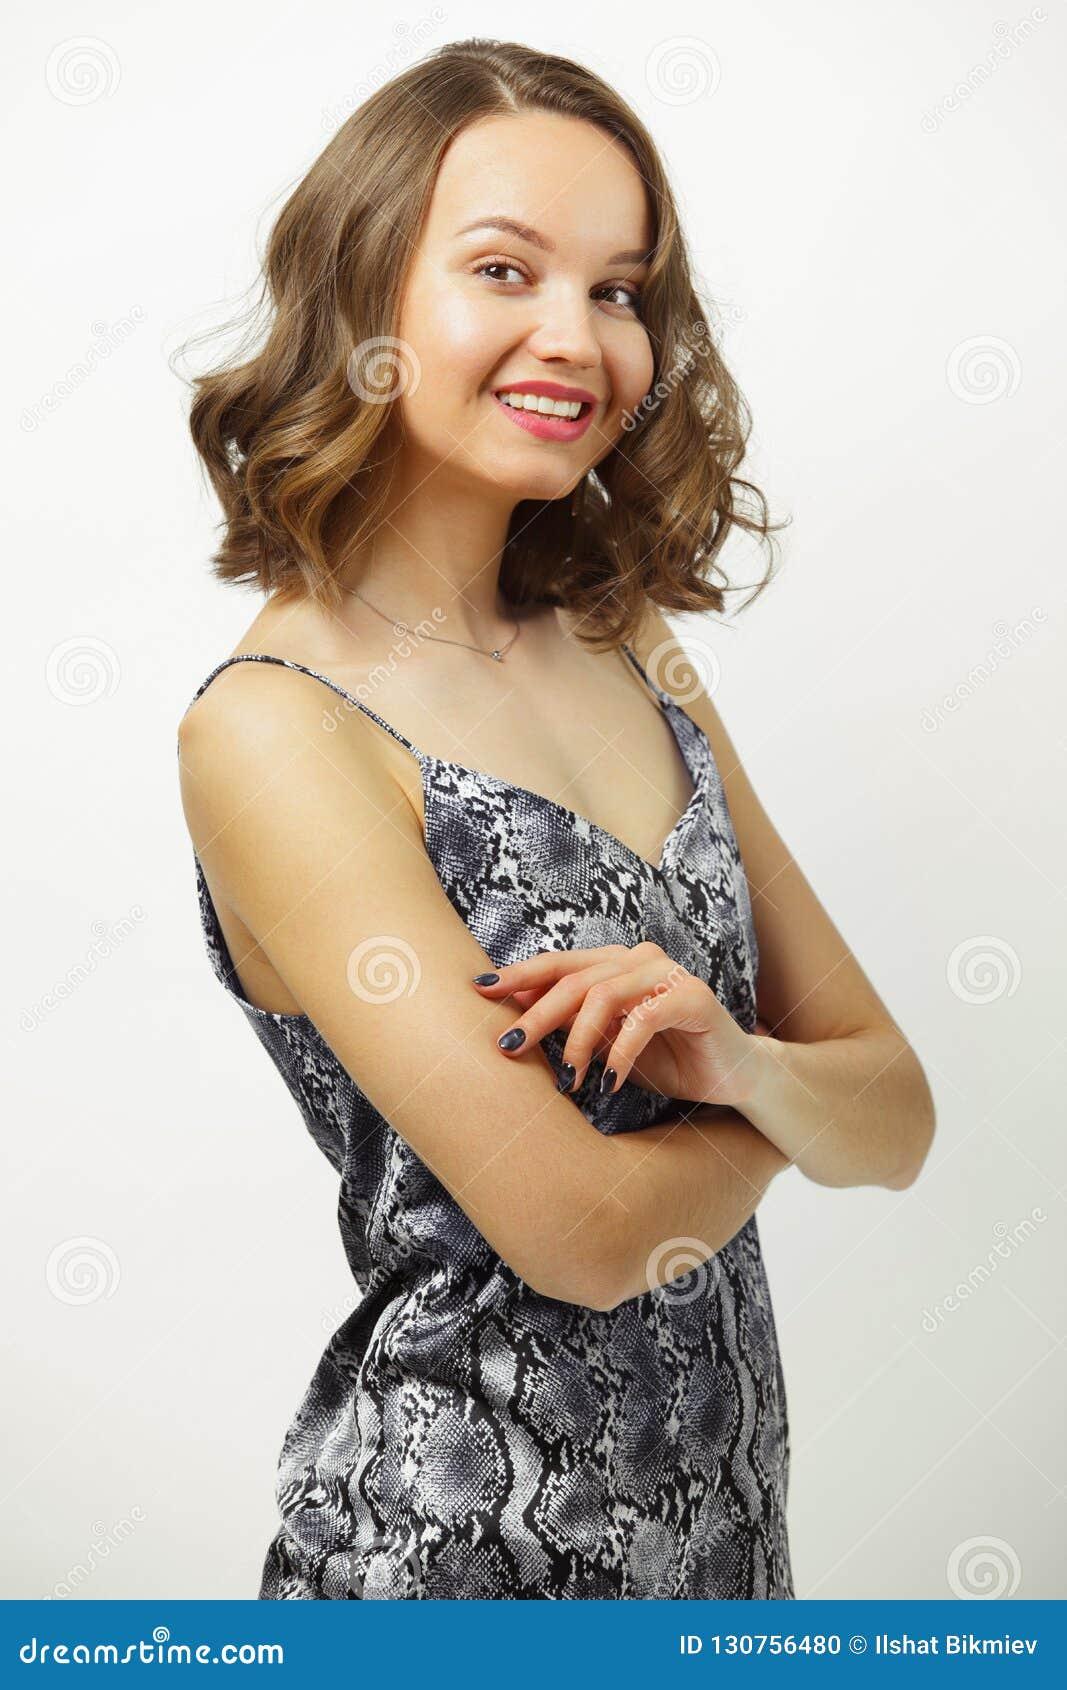 La imagen de la mujer hermosa en camiseta abierta del verano, sonriendo sinceramente, con el pelo corto cortado a los hombros, ti